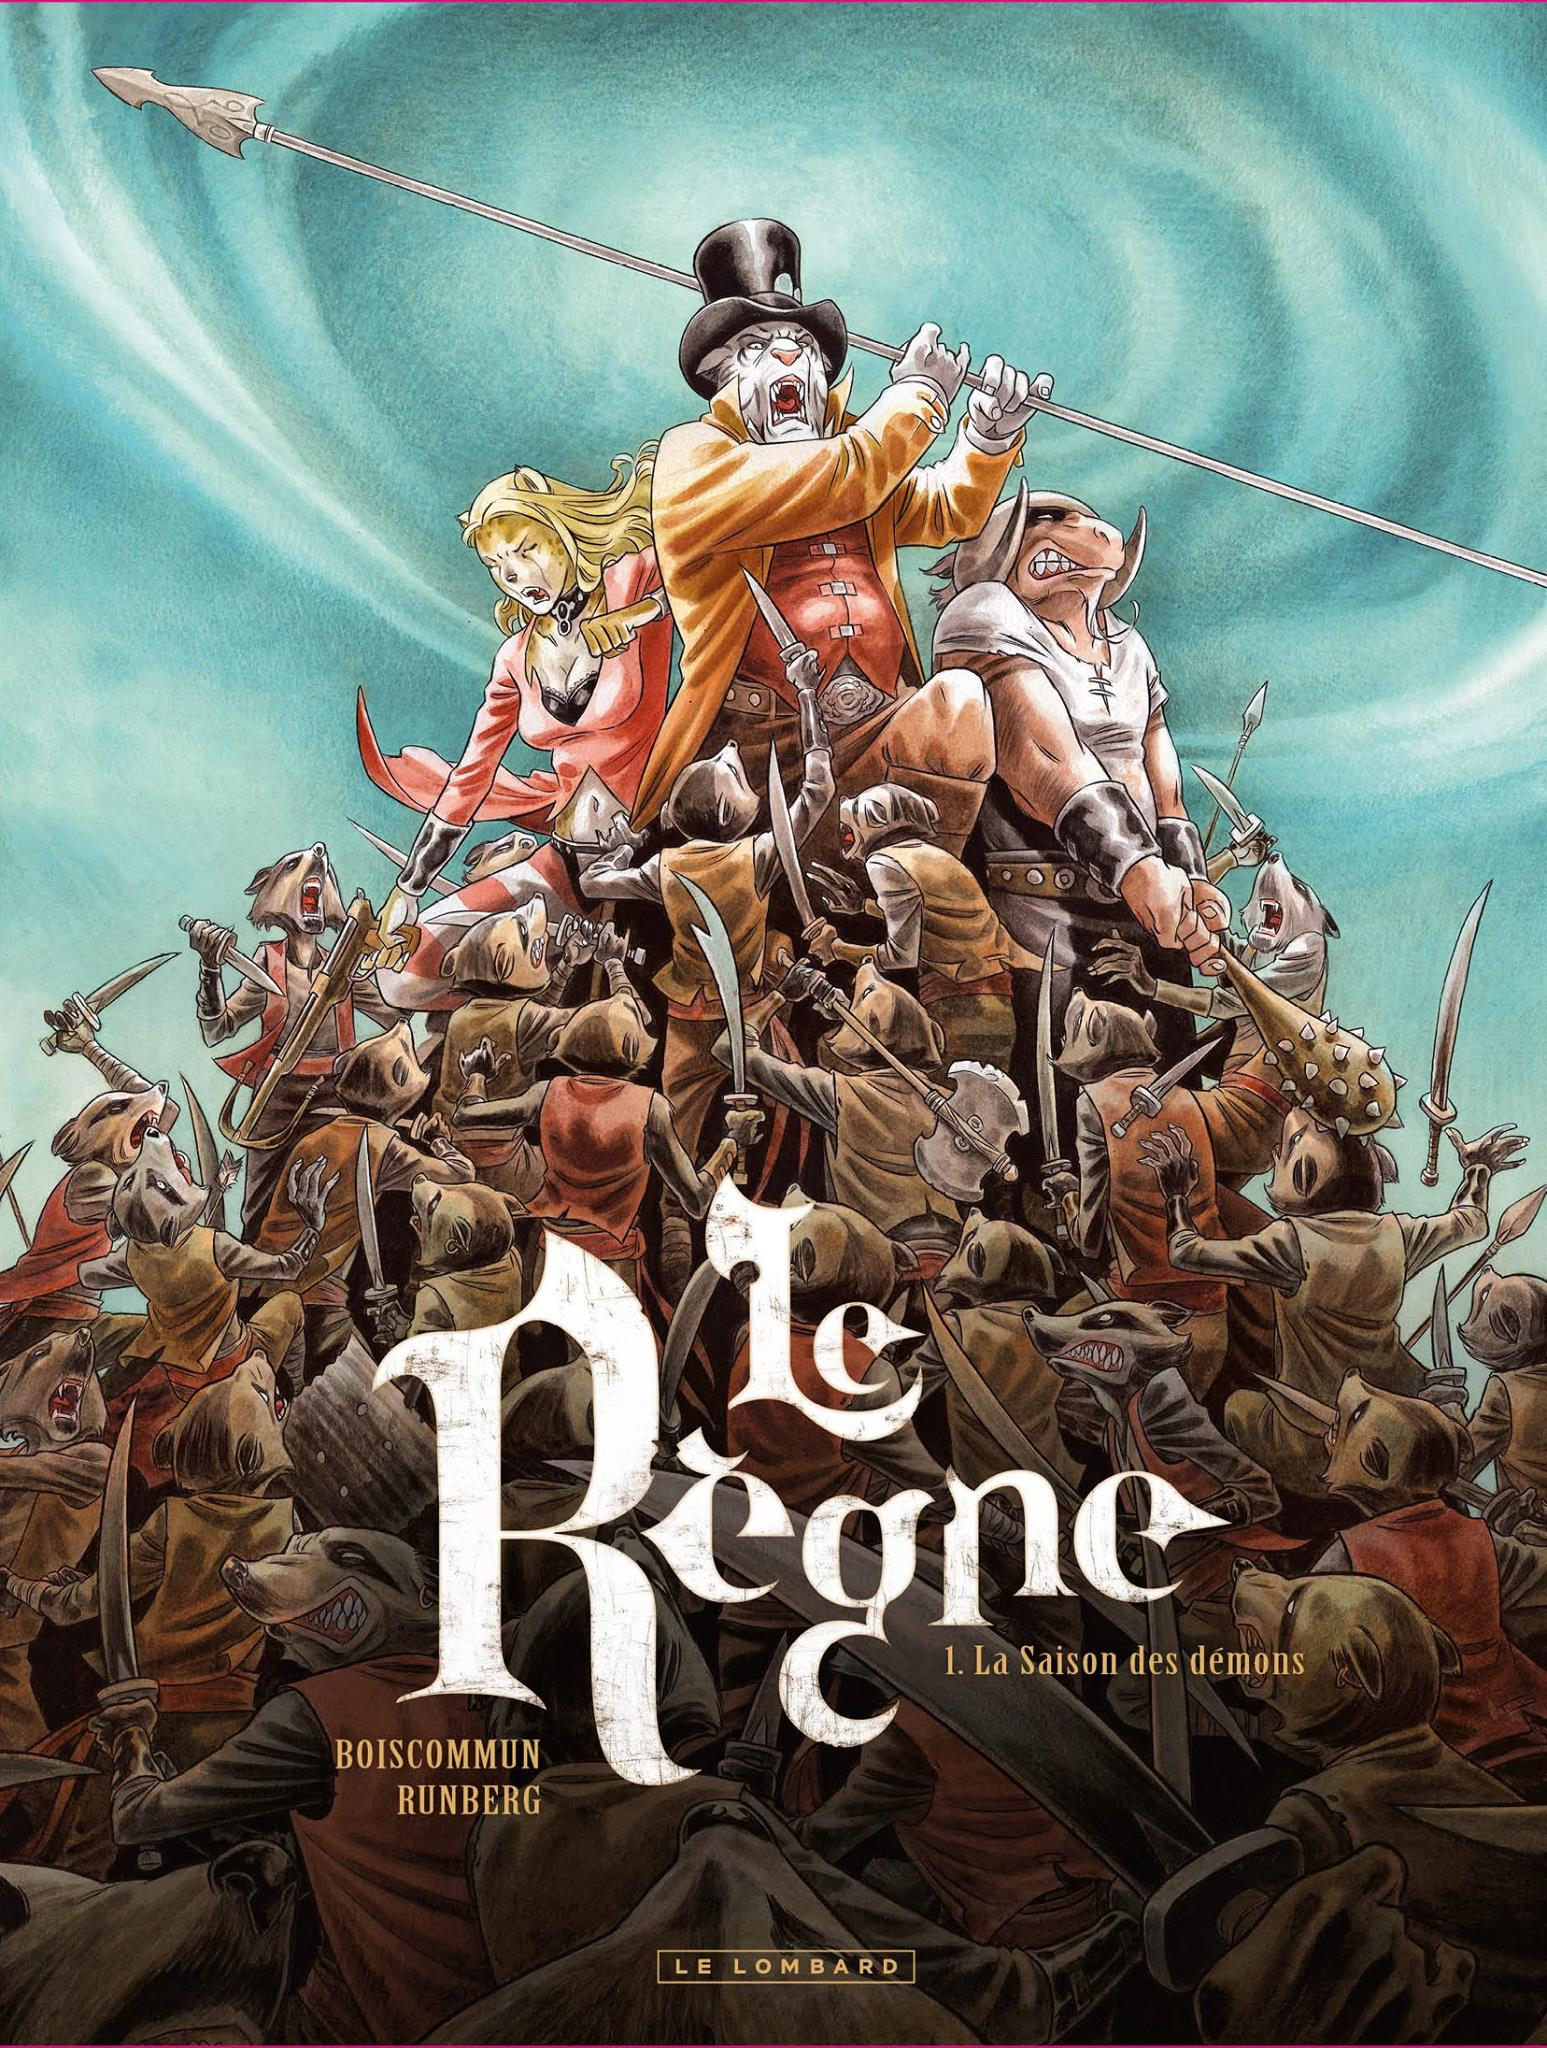 le-regne-t-1-la-saison-des-demons-runberg-boiscommun-couverture